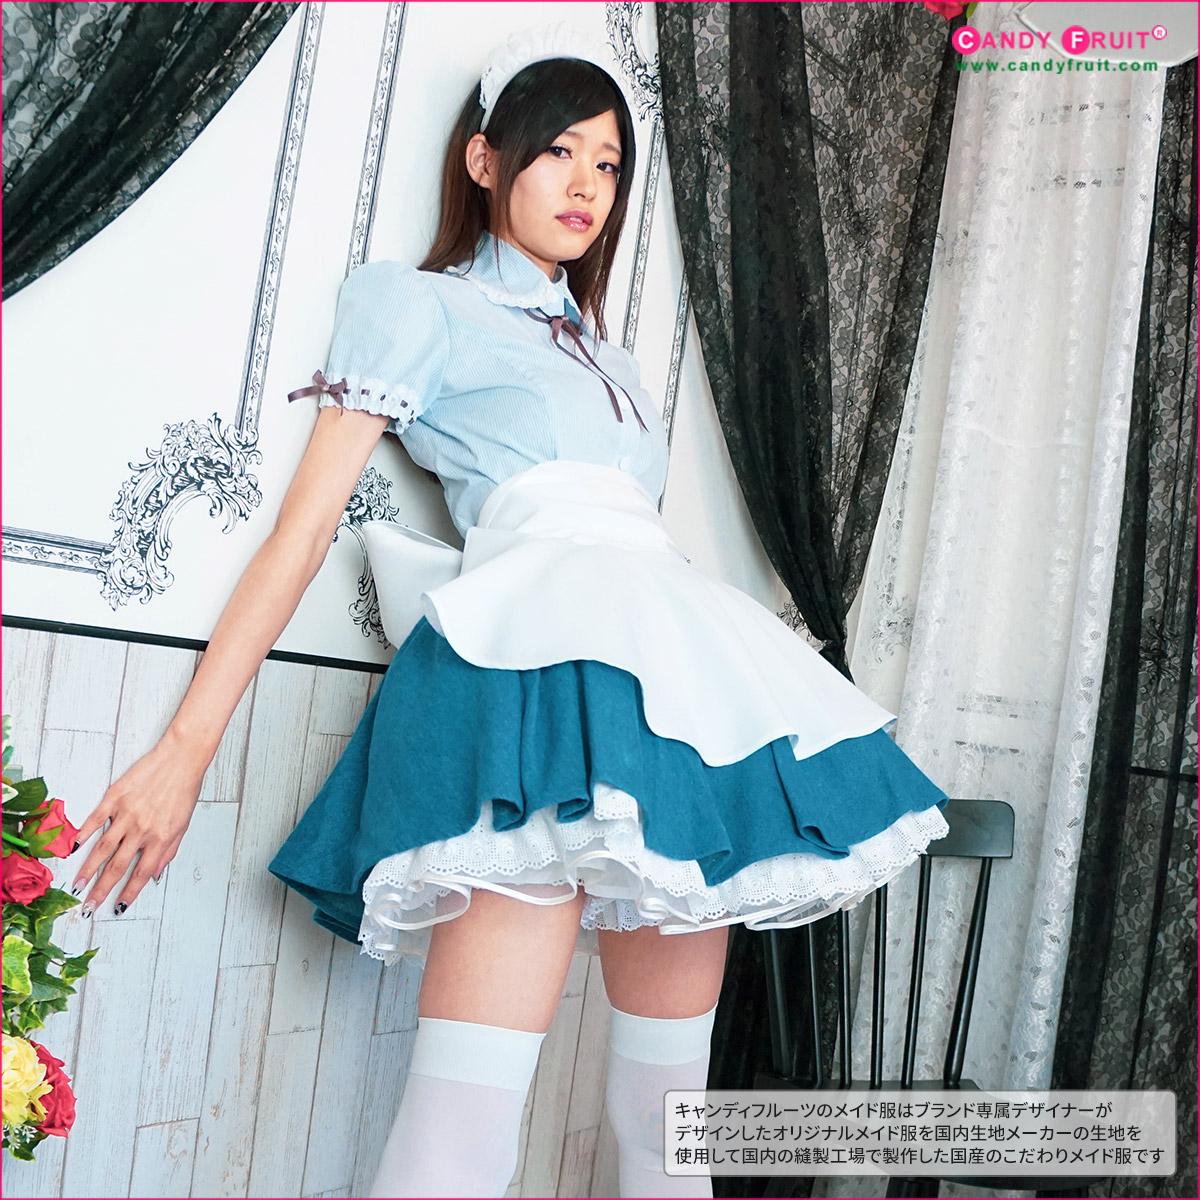 スノーメイド服(ホワイト)